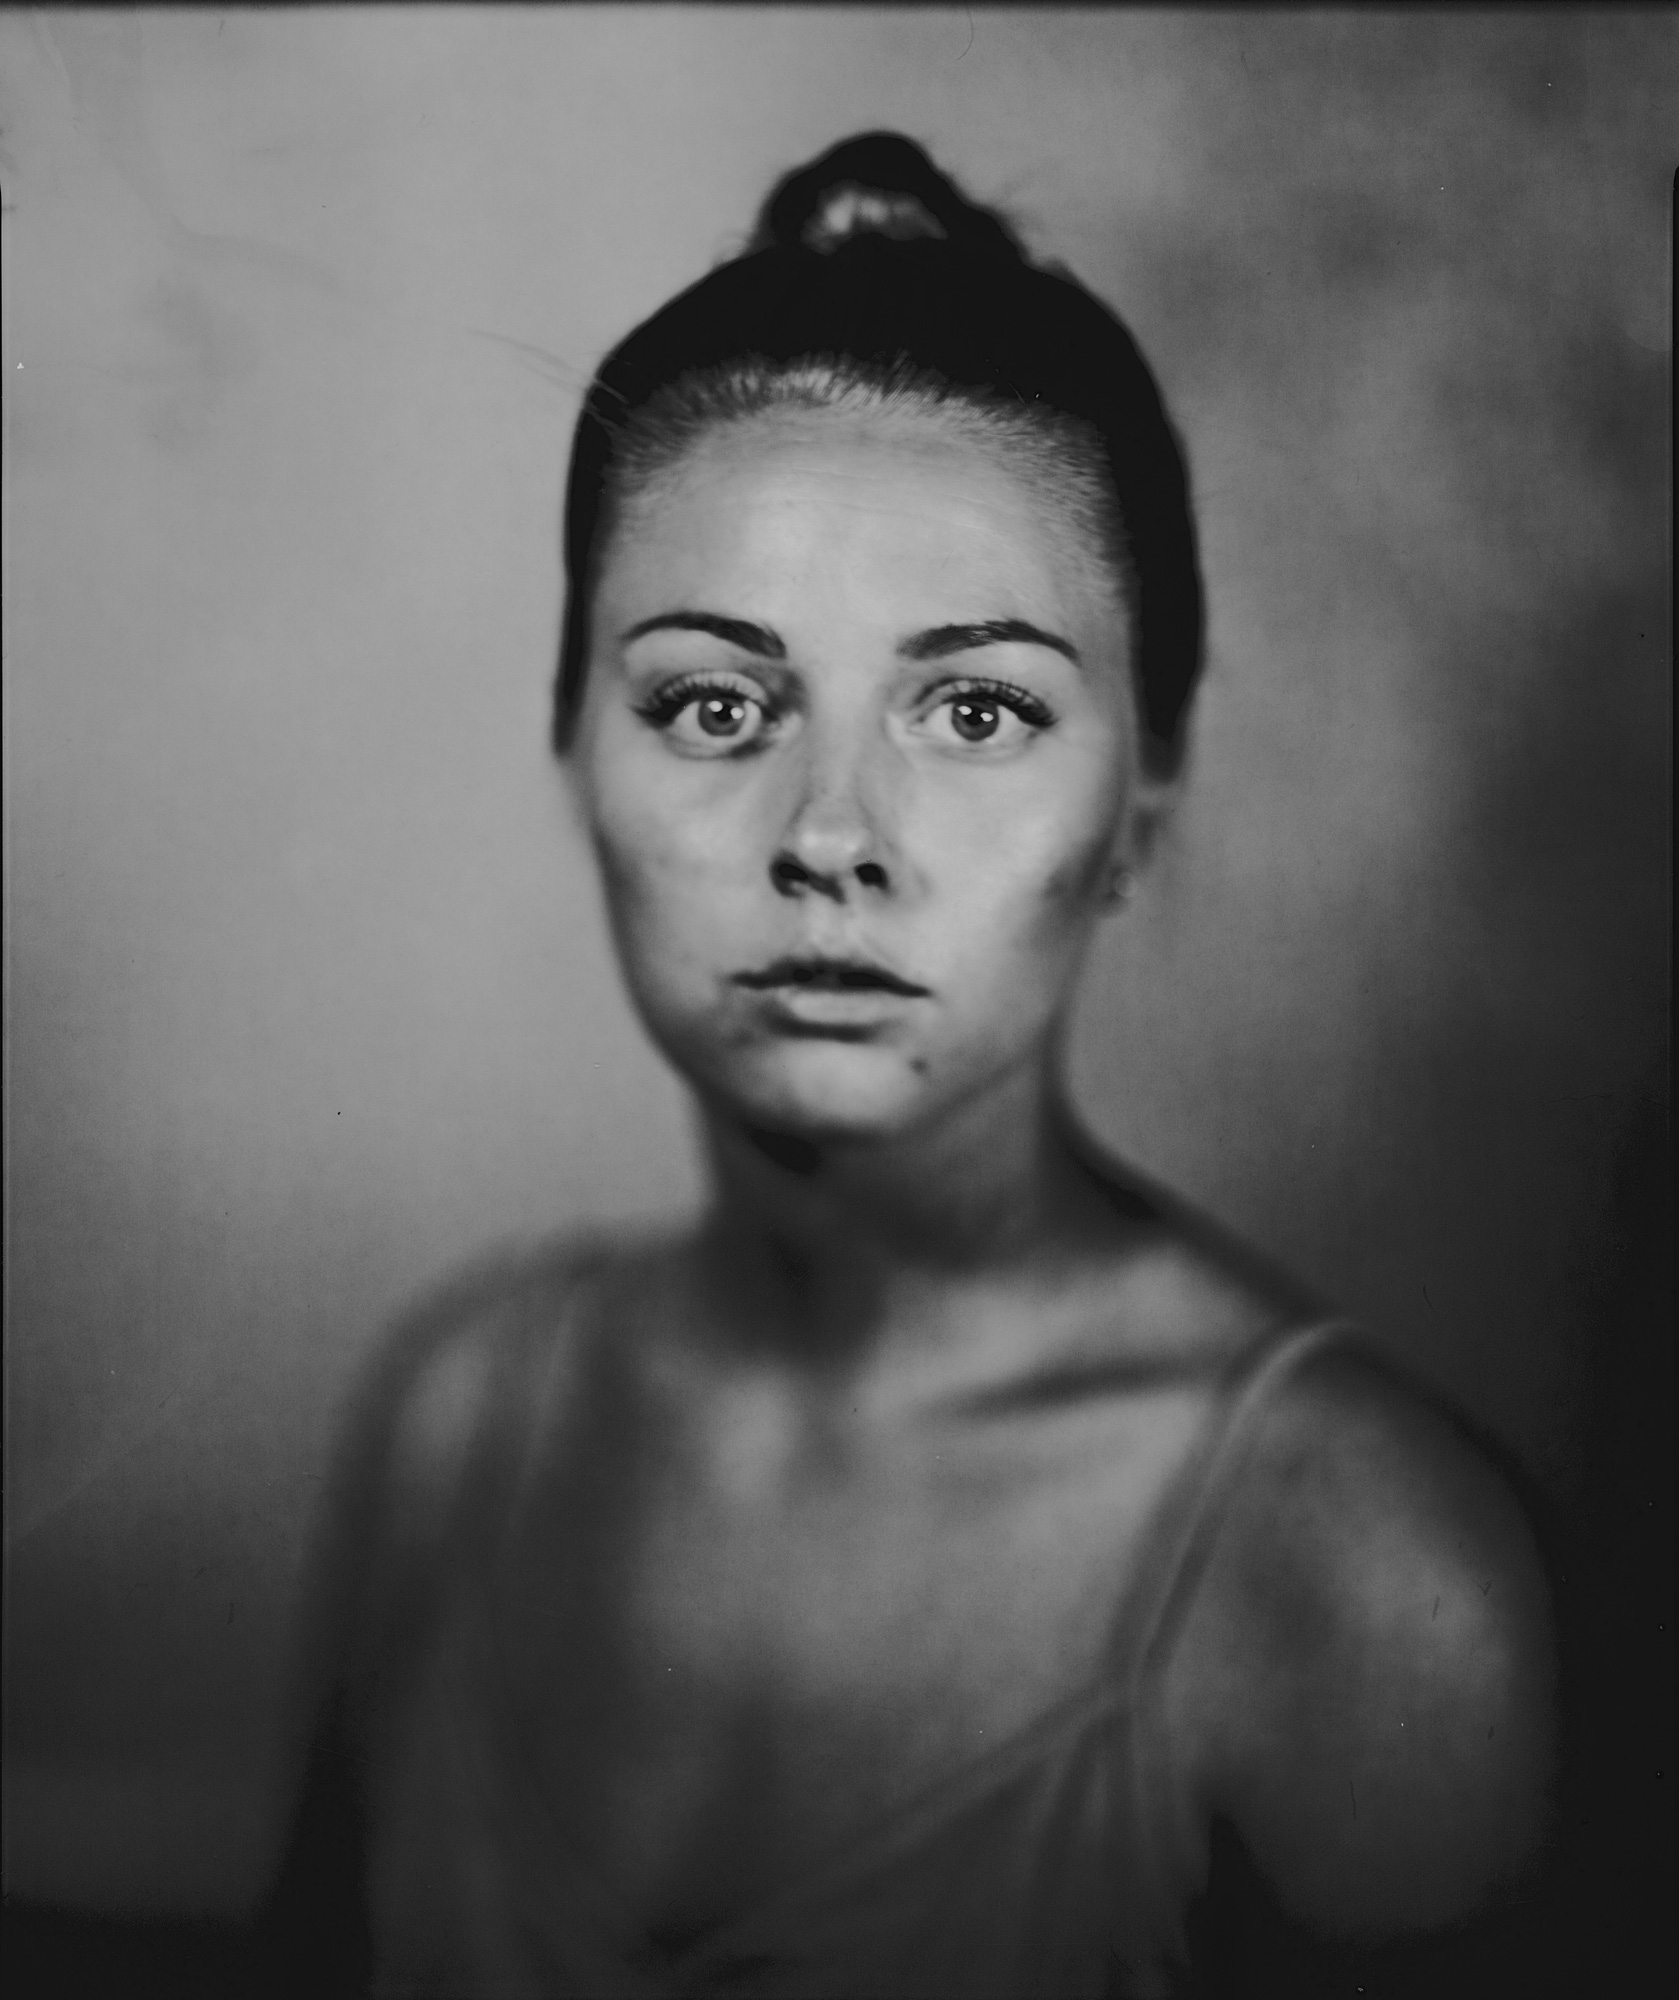 fotograf oslo tar et portrett av en ung kvinne